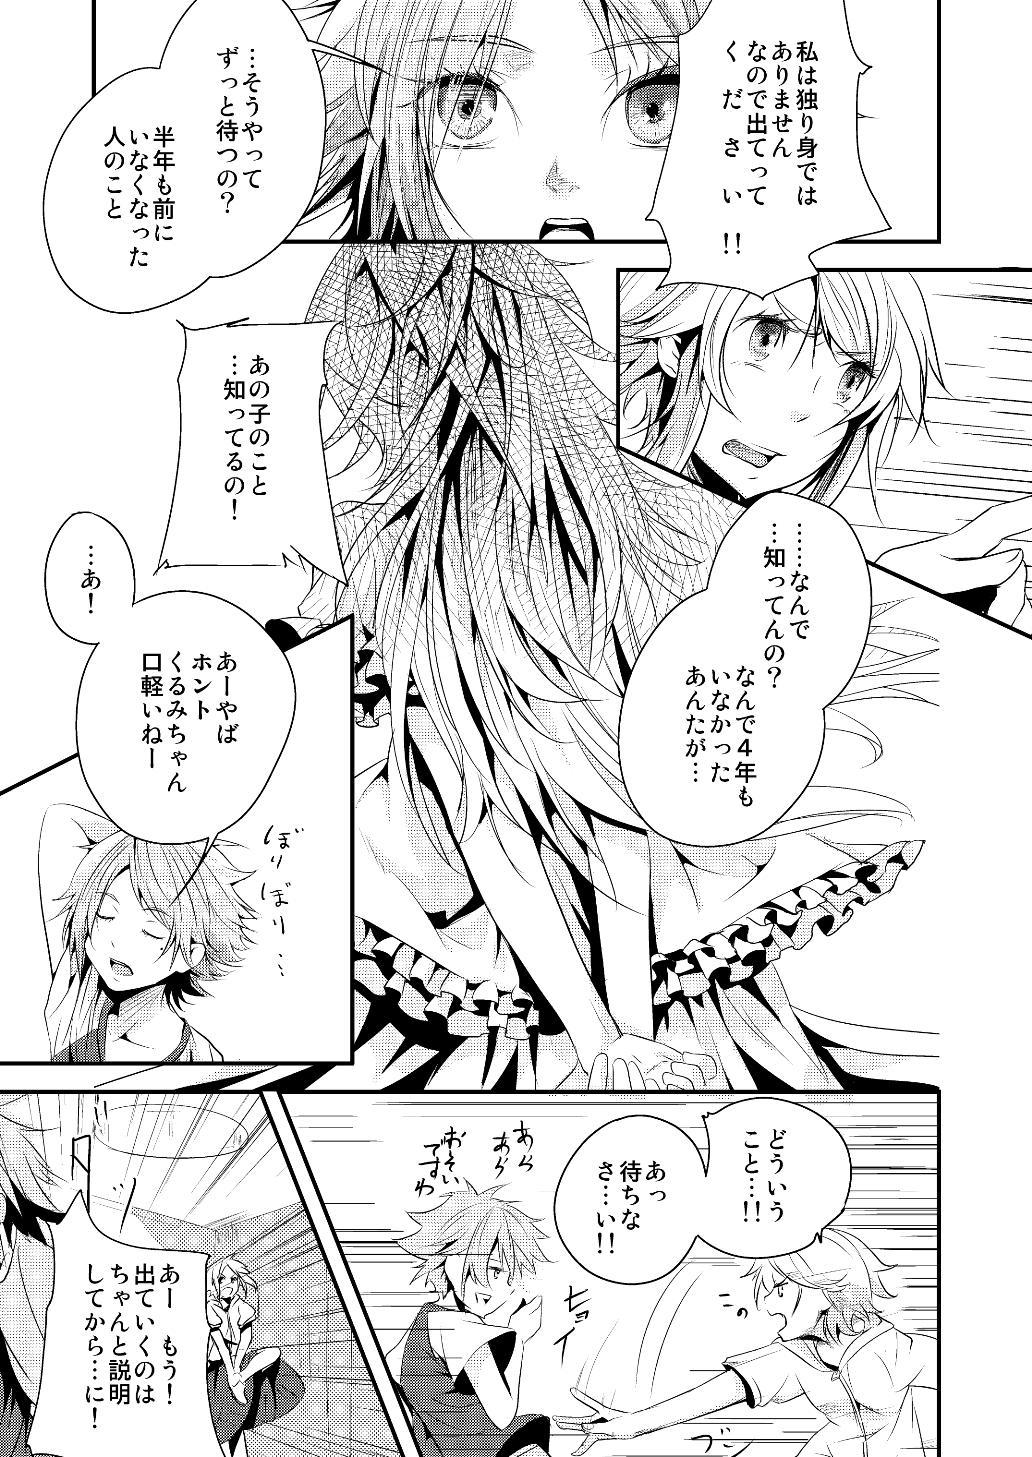 Yakusoku no Sora to Kimigaita Basho 1 ~ 2 52